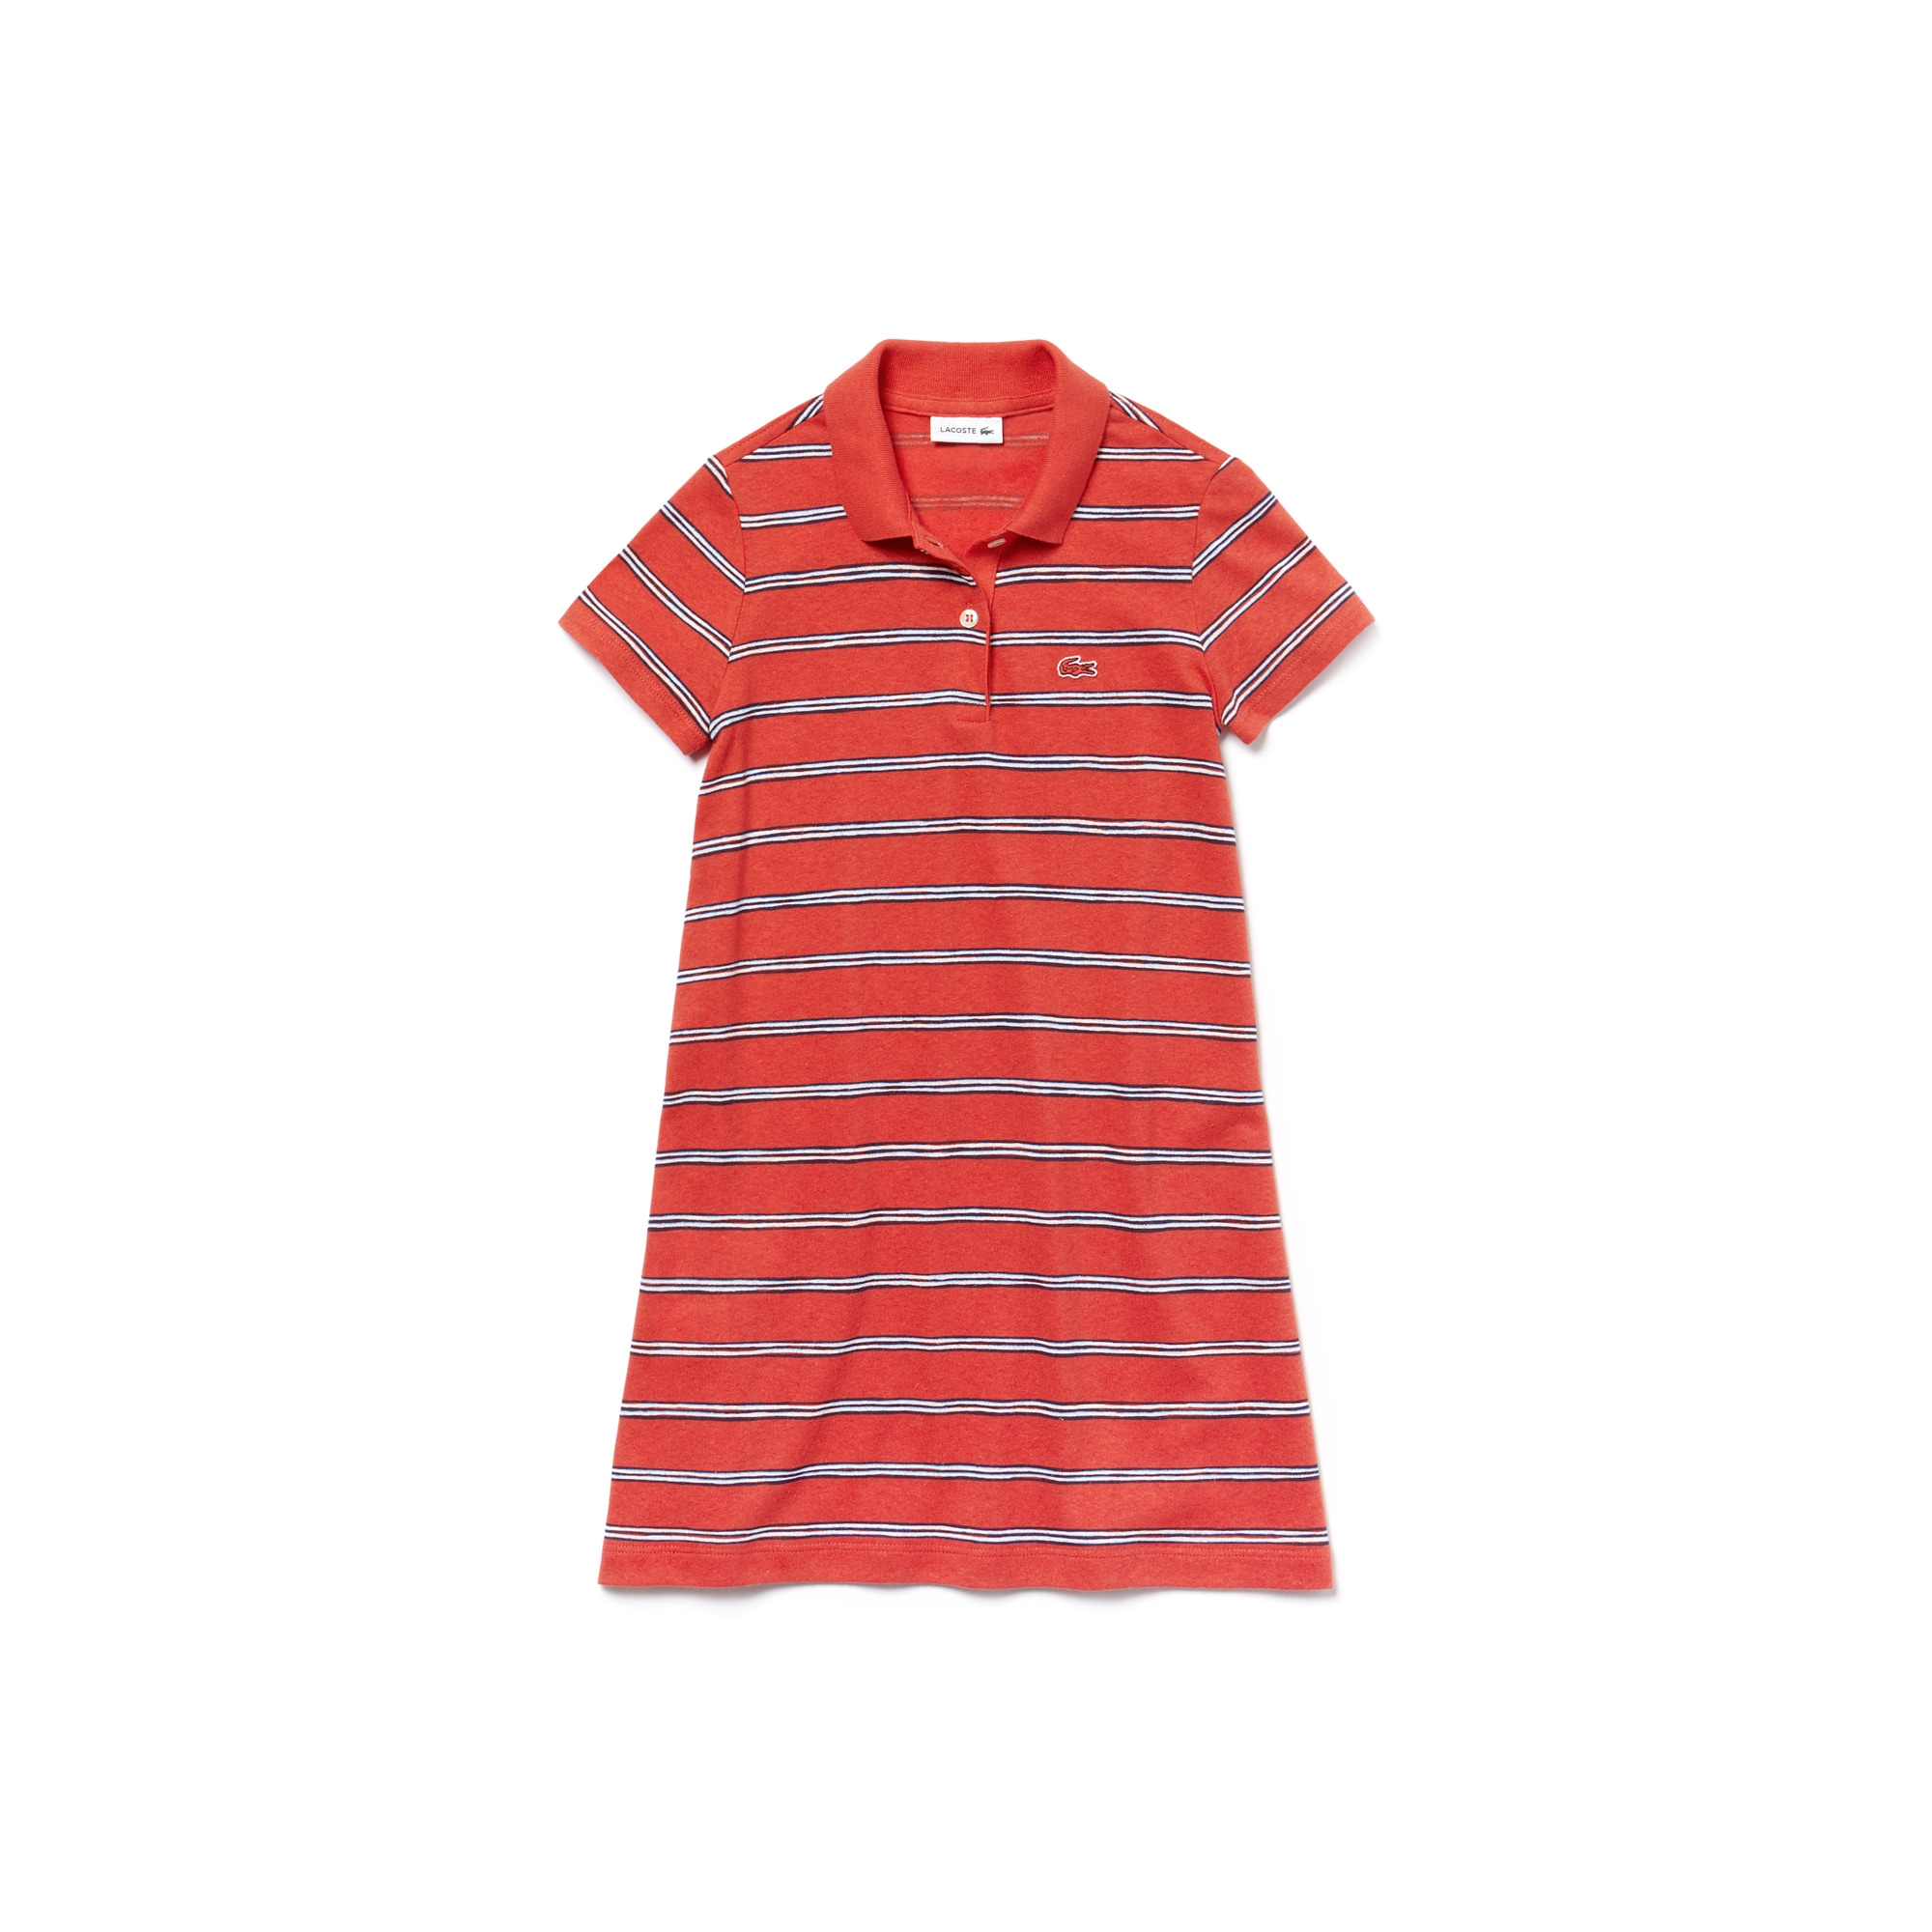 Mädchen-Polokleid aus Baumwoll-Leinen-Jersey mit Streifen